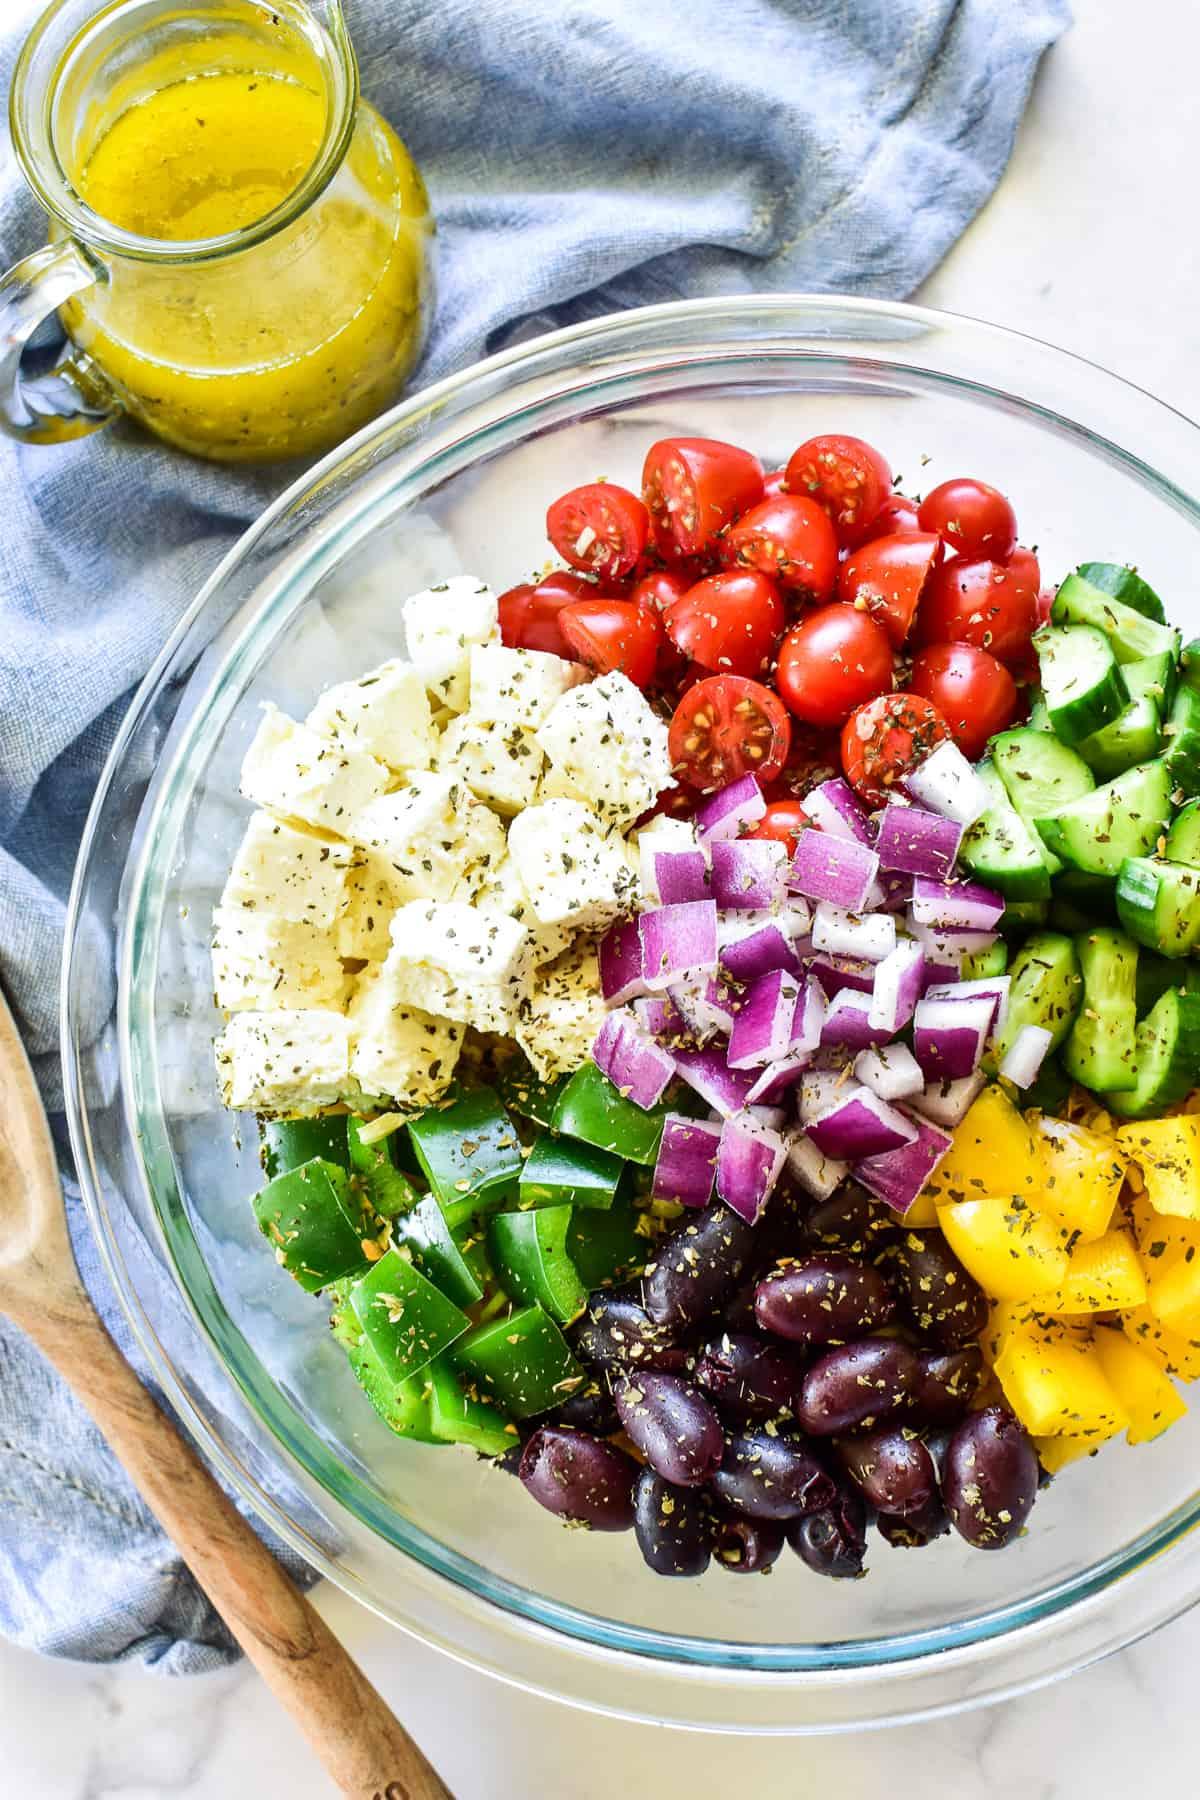 Greek Pasta Salad ingredients in mixing bowl